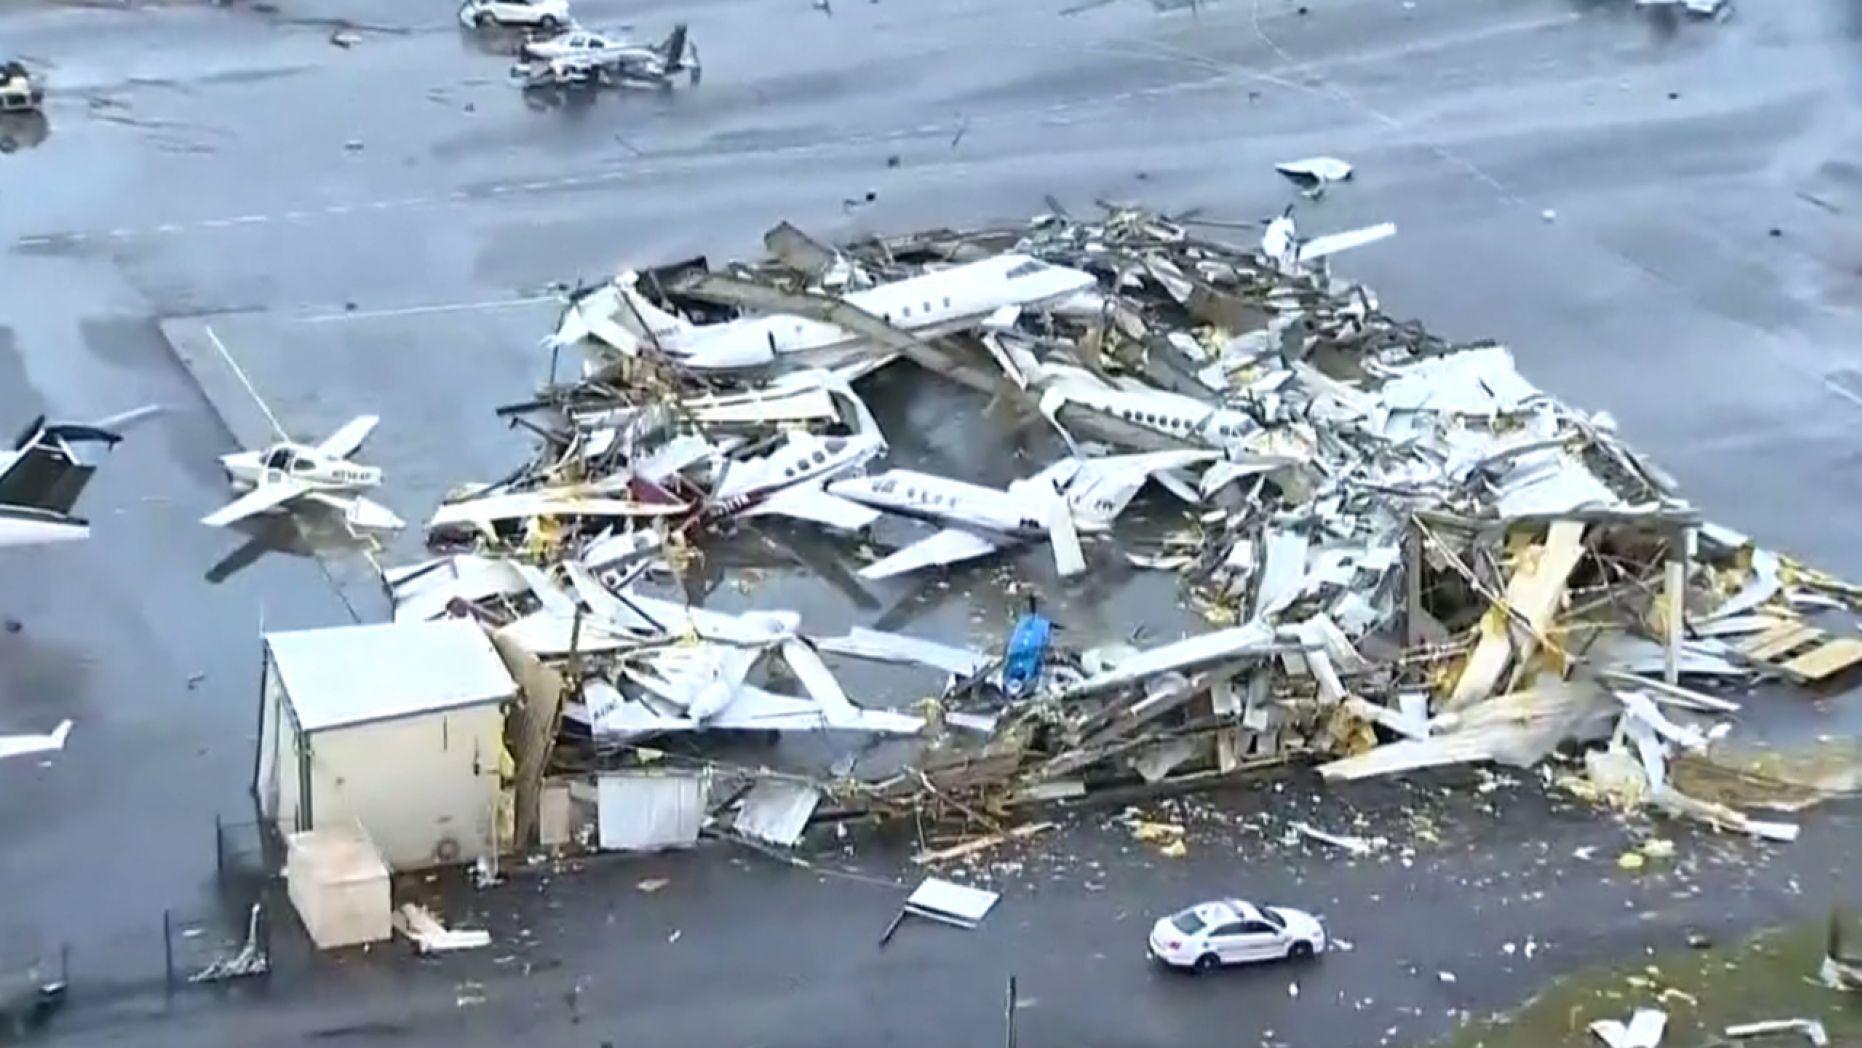 龙卷风来袭,美一机场飞机被刮得一片狼籍